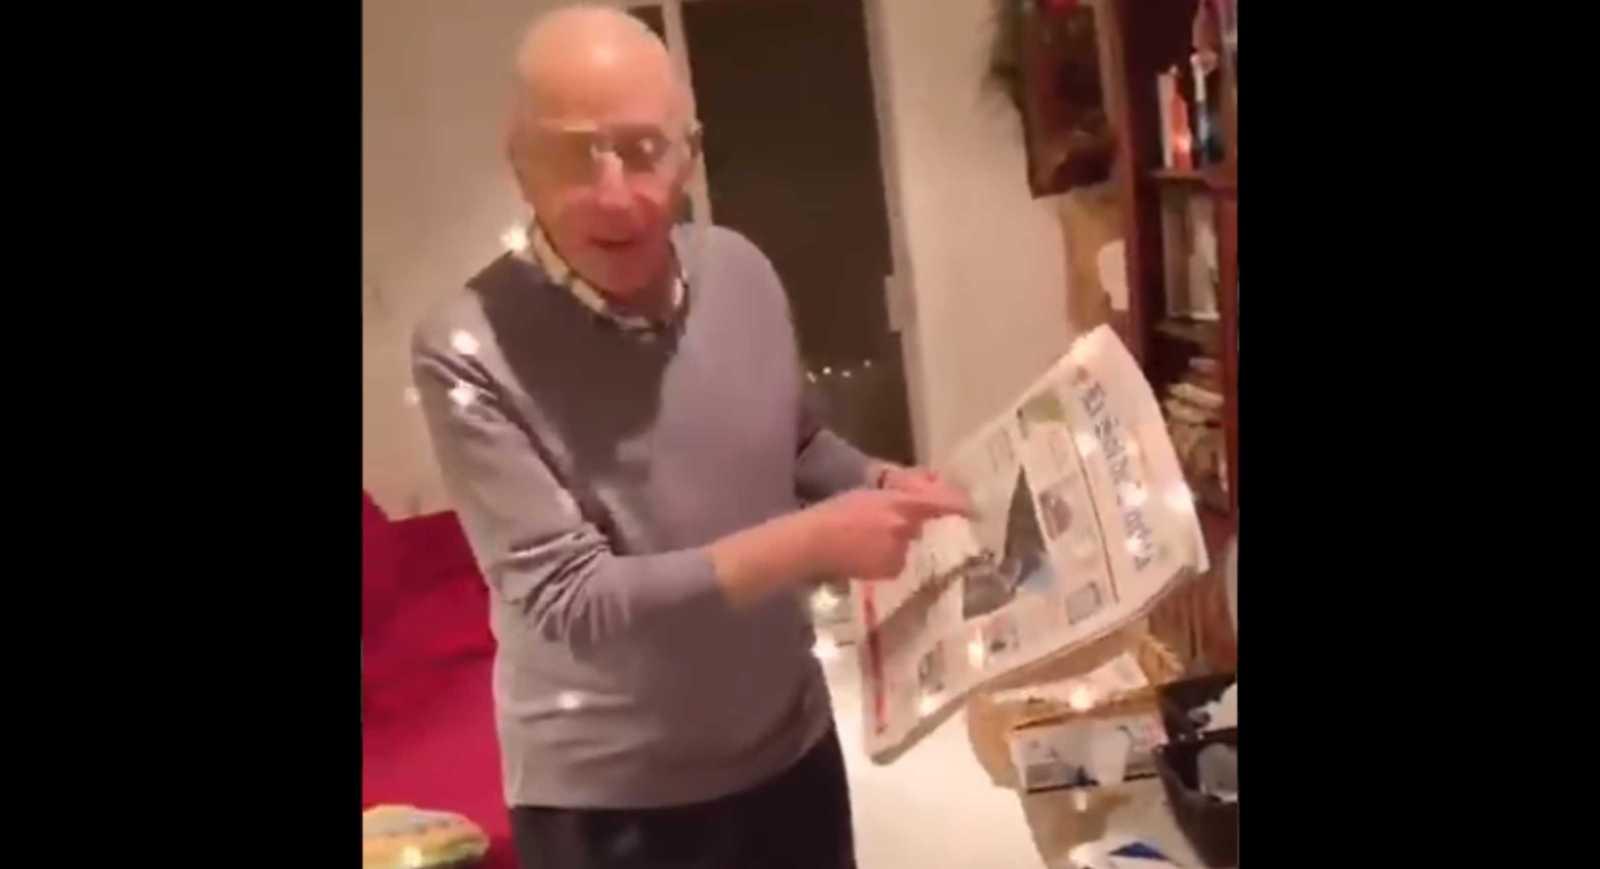 Papá reacciona a video de su hija publicada en un periódico pintando mural feminista